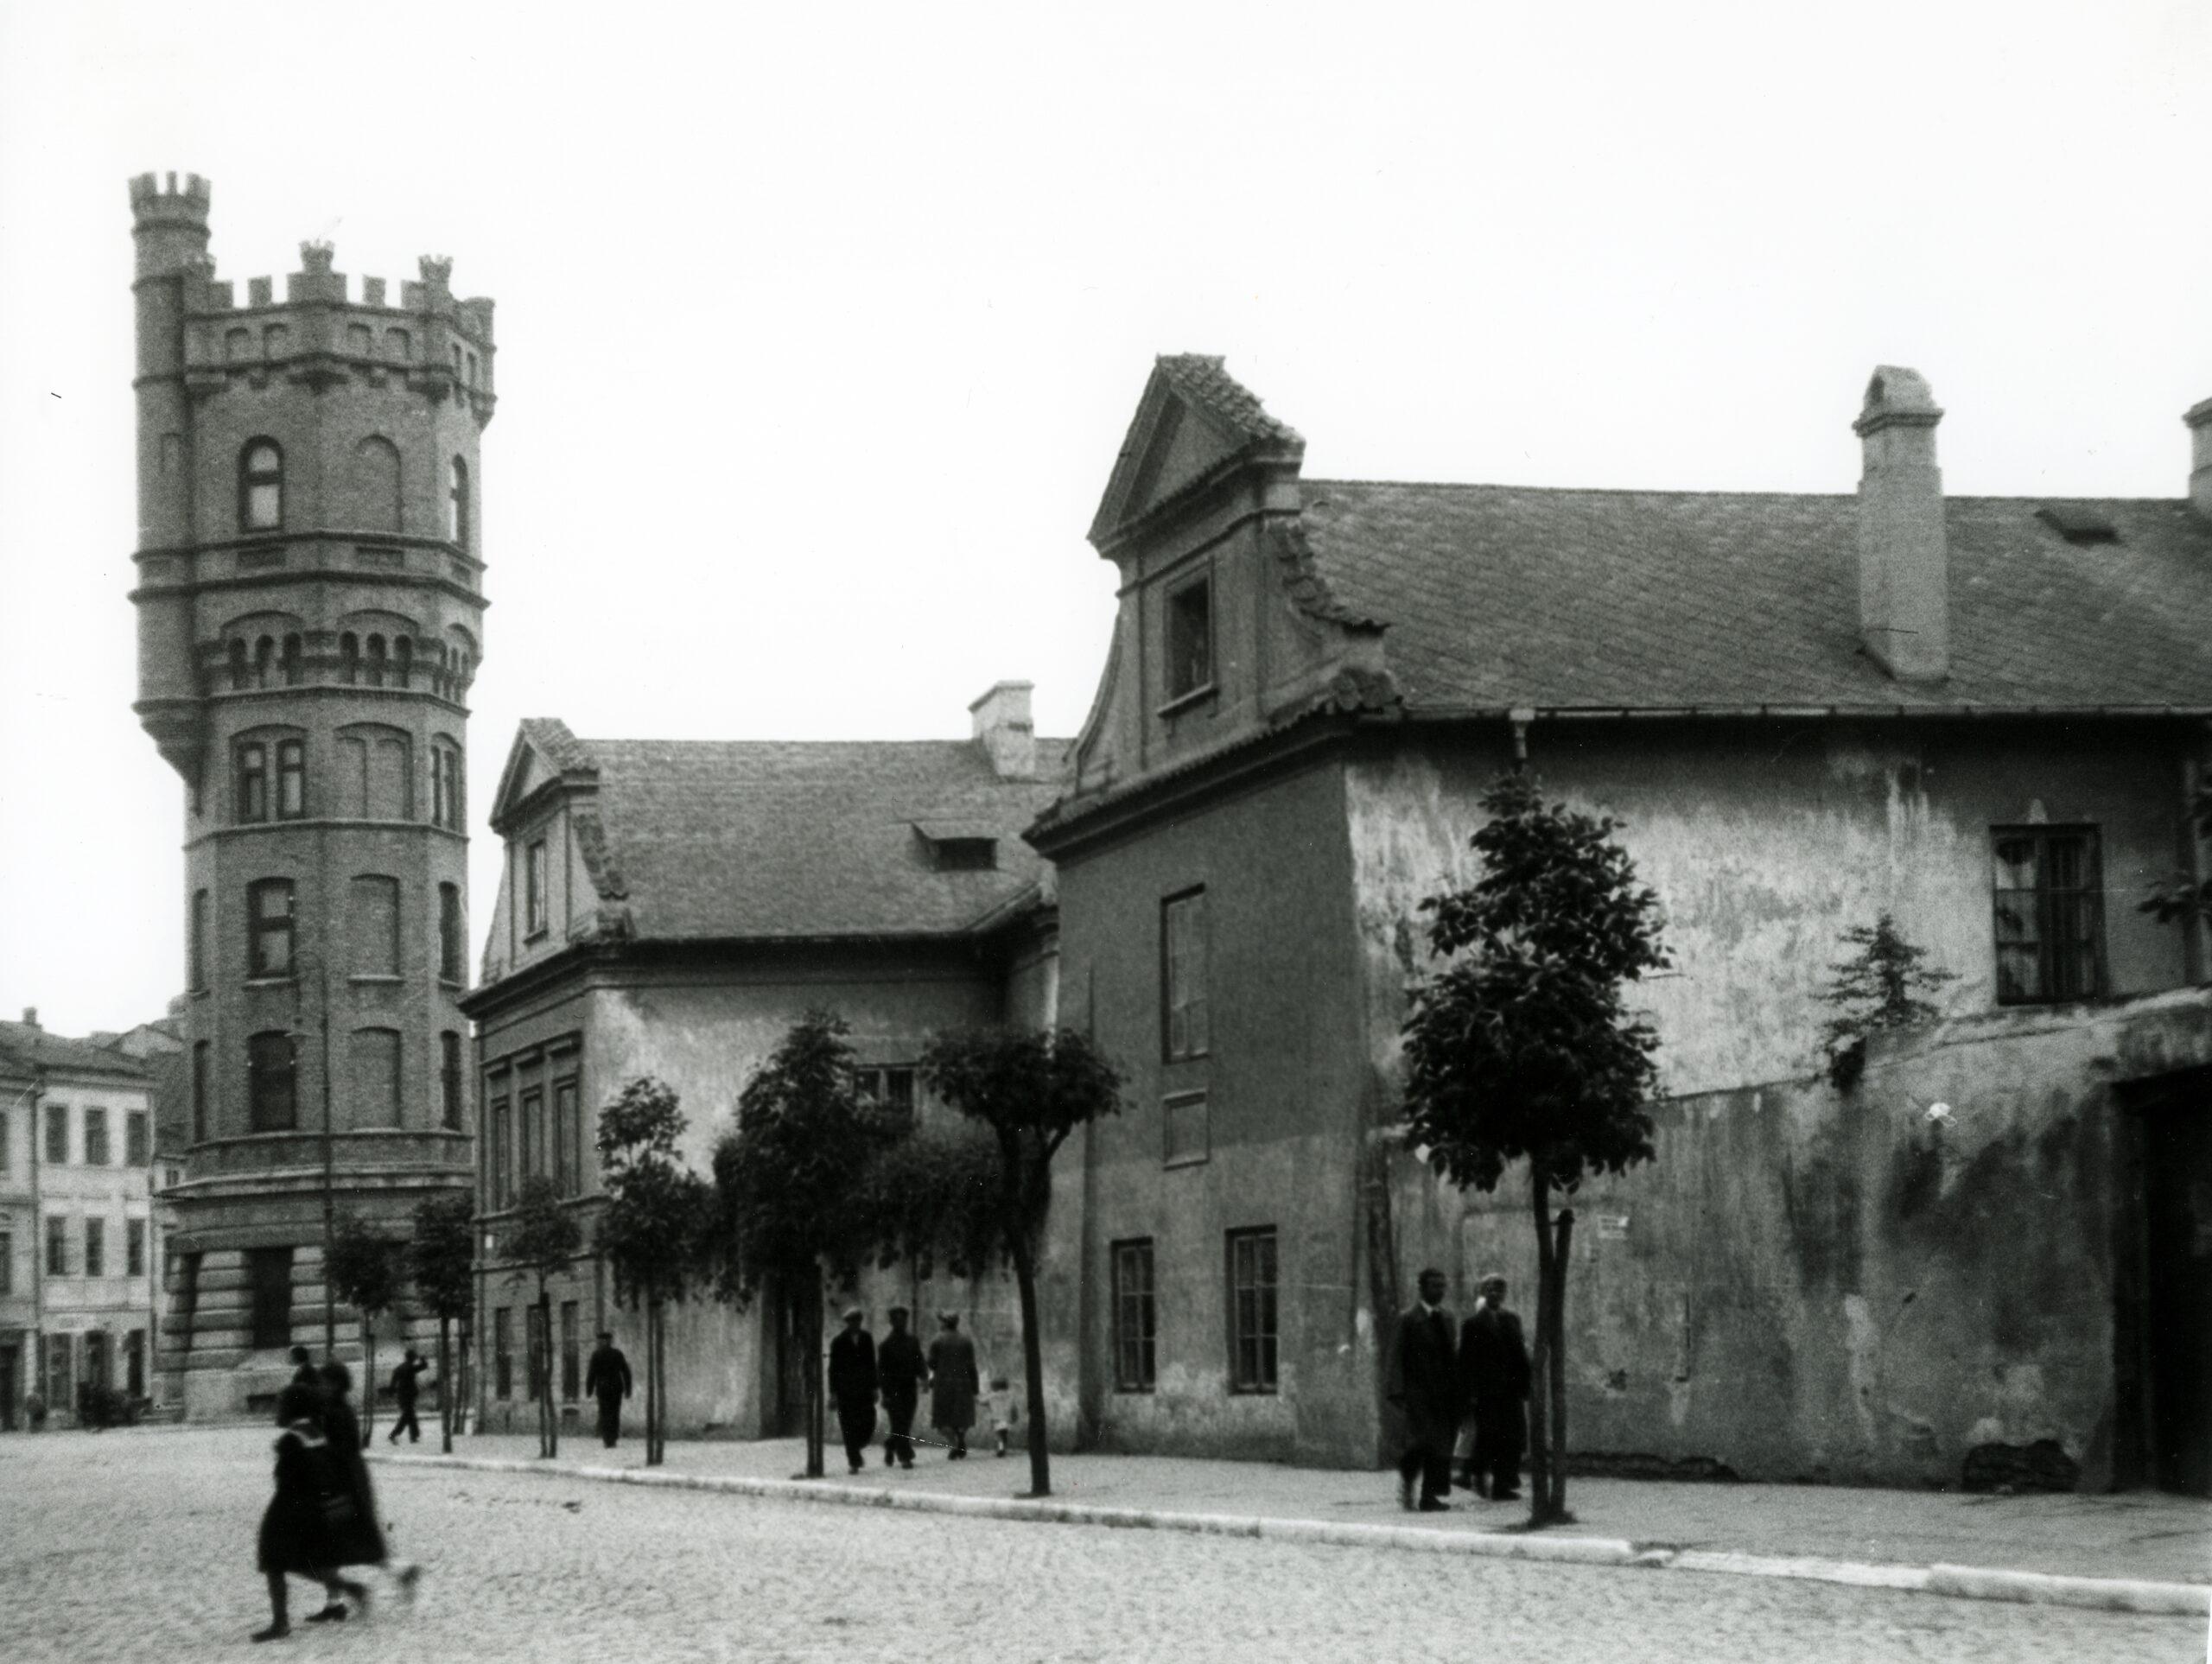 Fotografia czarnobiała z widokiem na ulicę oraz przylegające do niej budynki - z lewej wieża ciśnień, po prawej